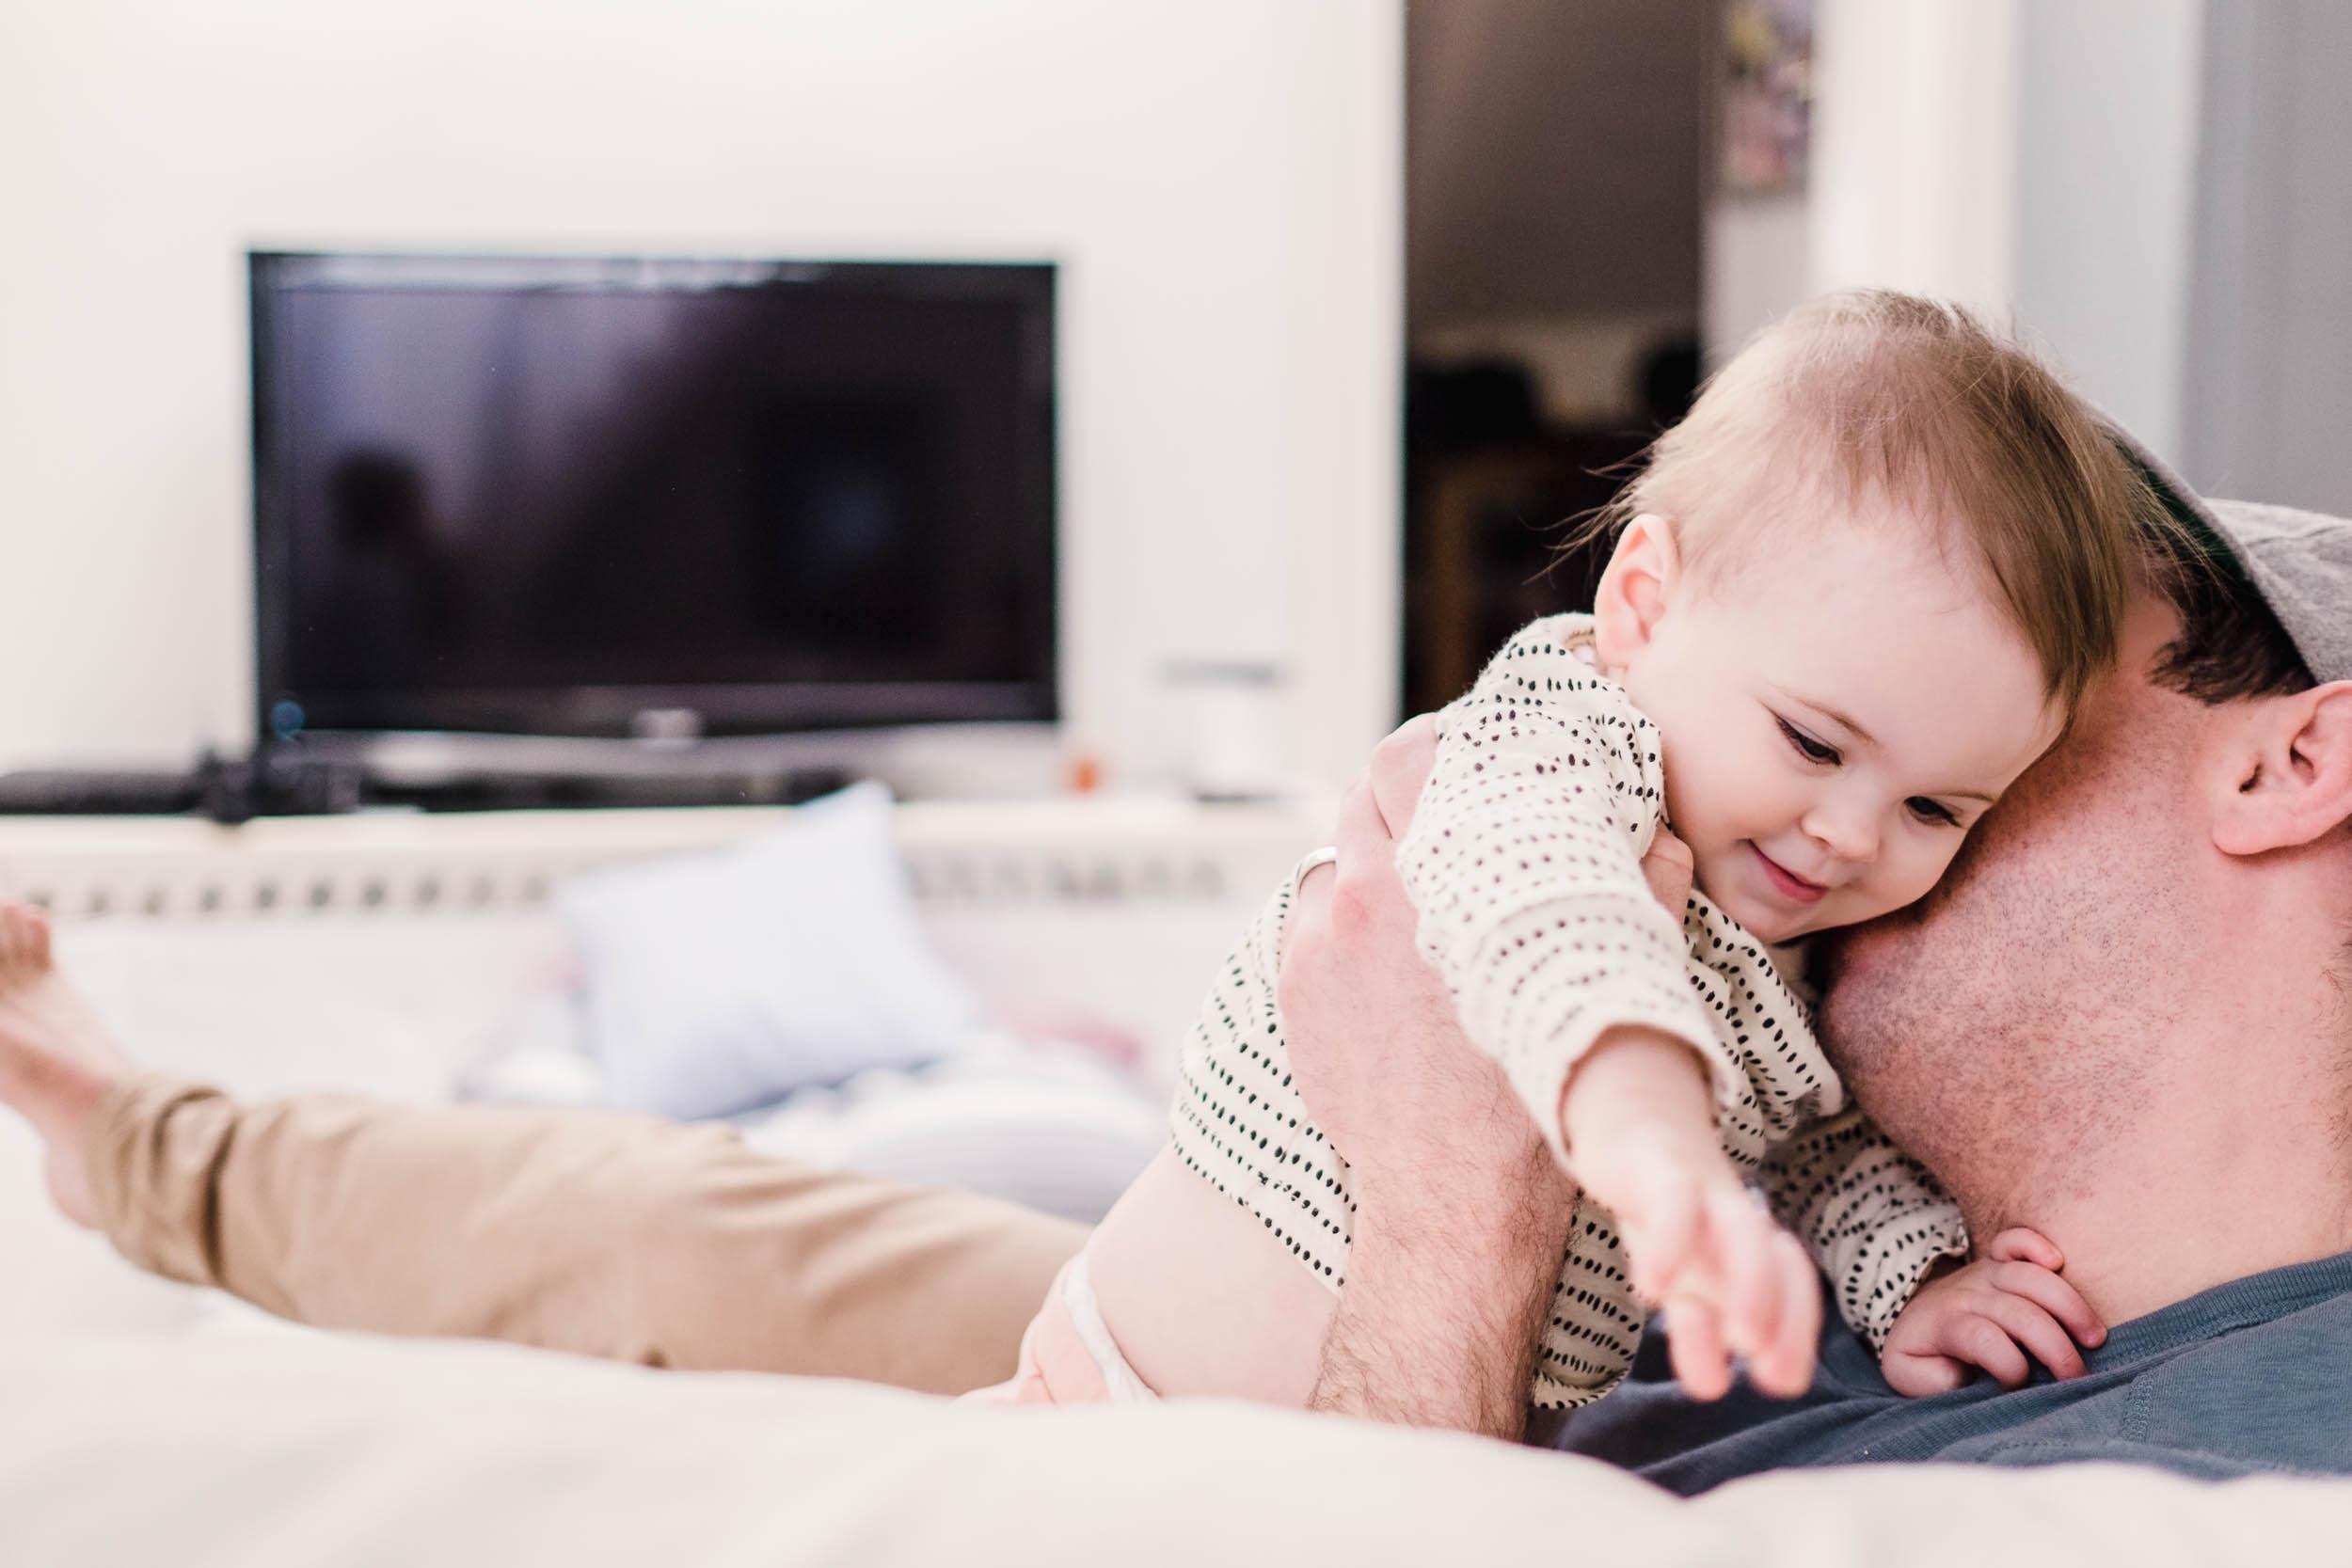 Kristen-Humbert-Family-Photoshoot-Philadelphia_Ruby-James-W-7161.jpg